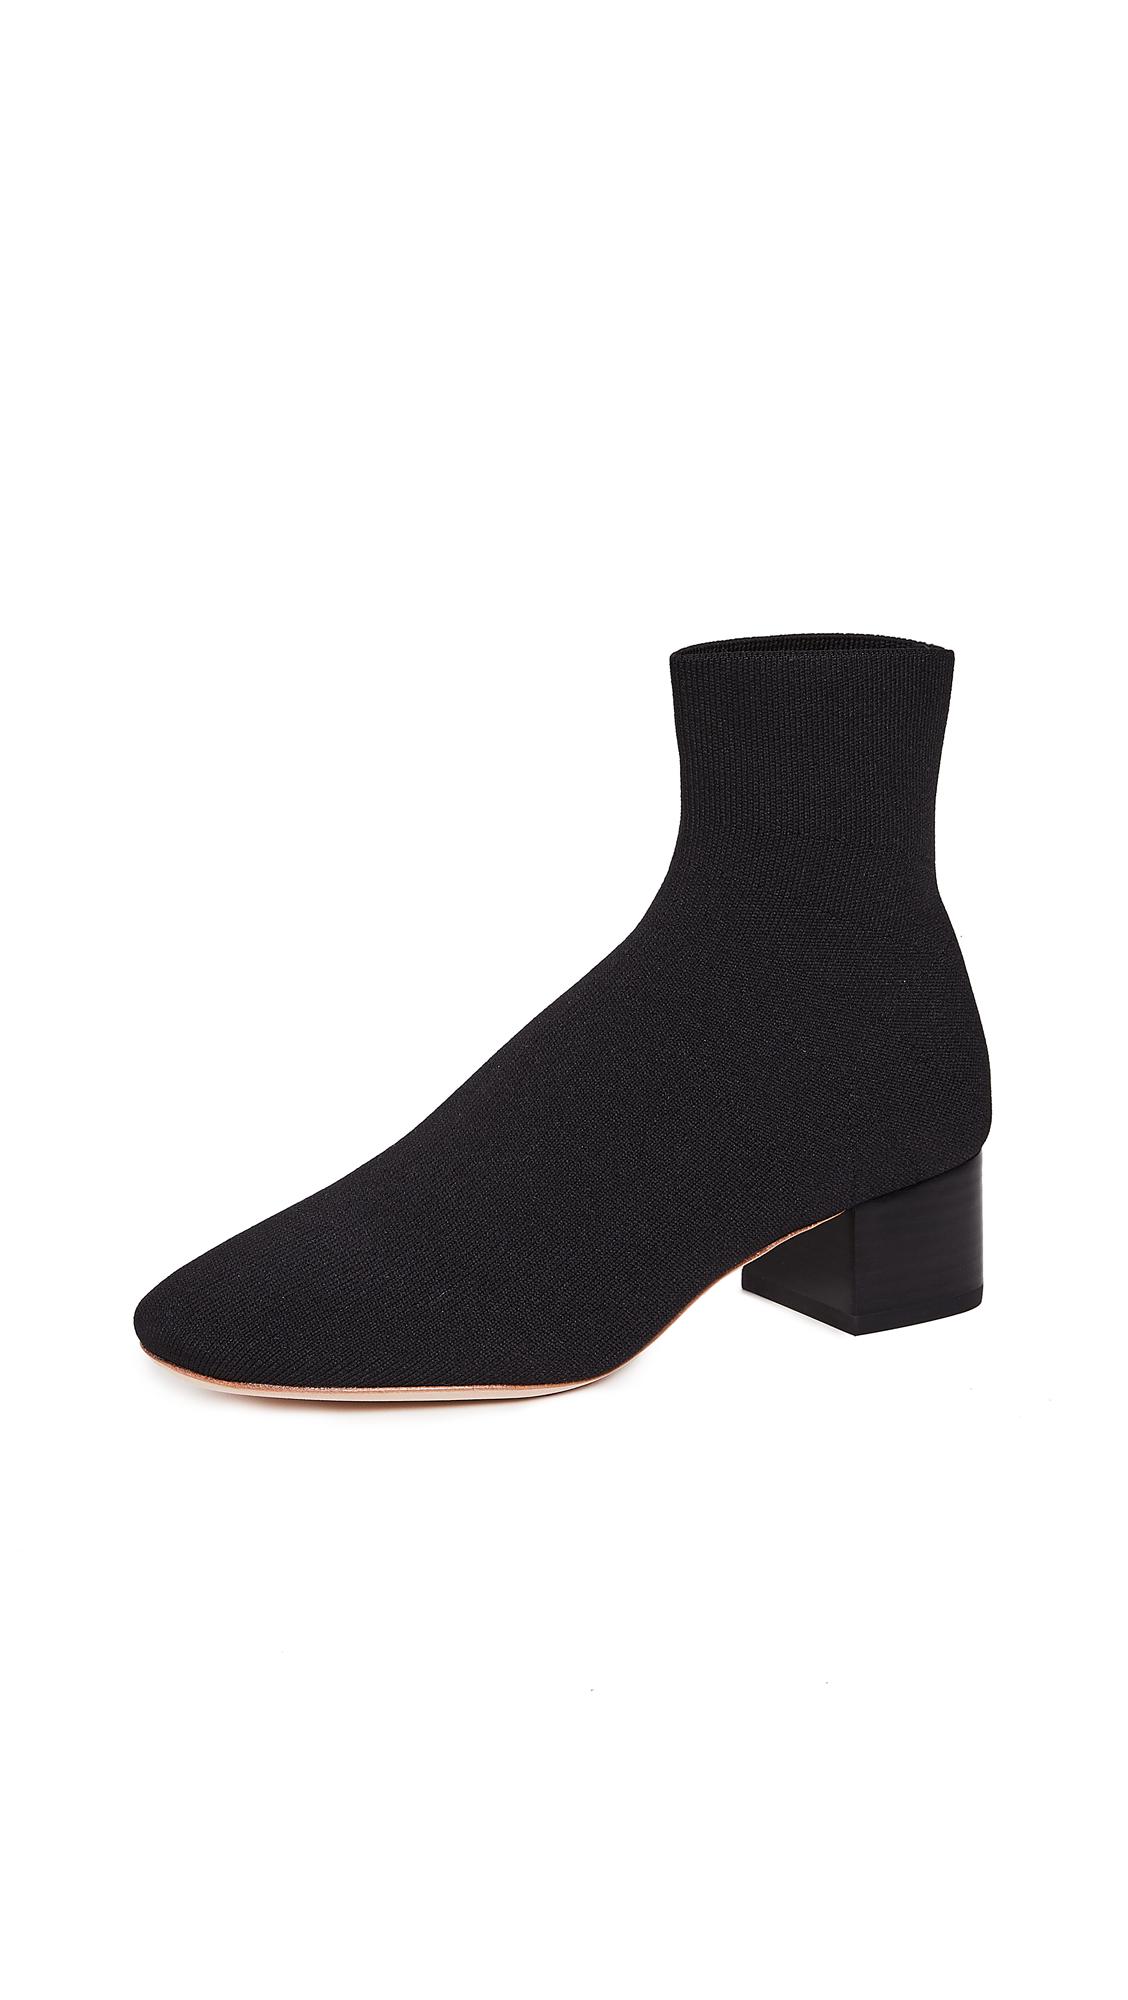 Loeffler Randall Carter Boots - Black